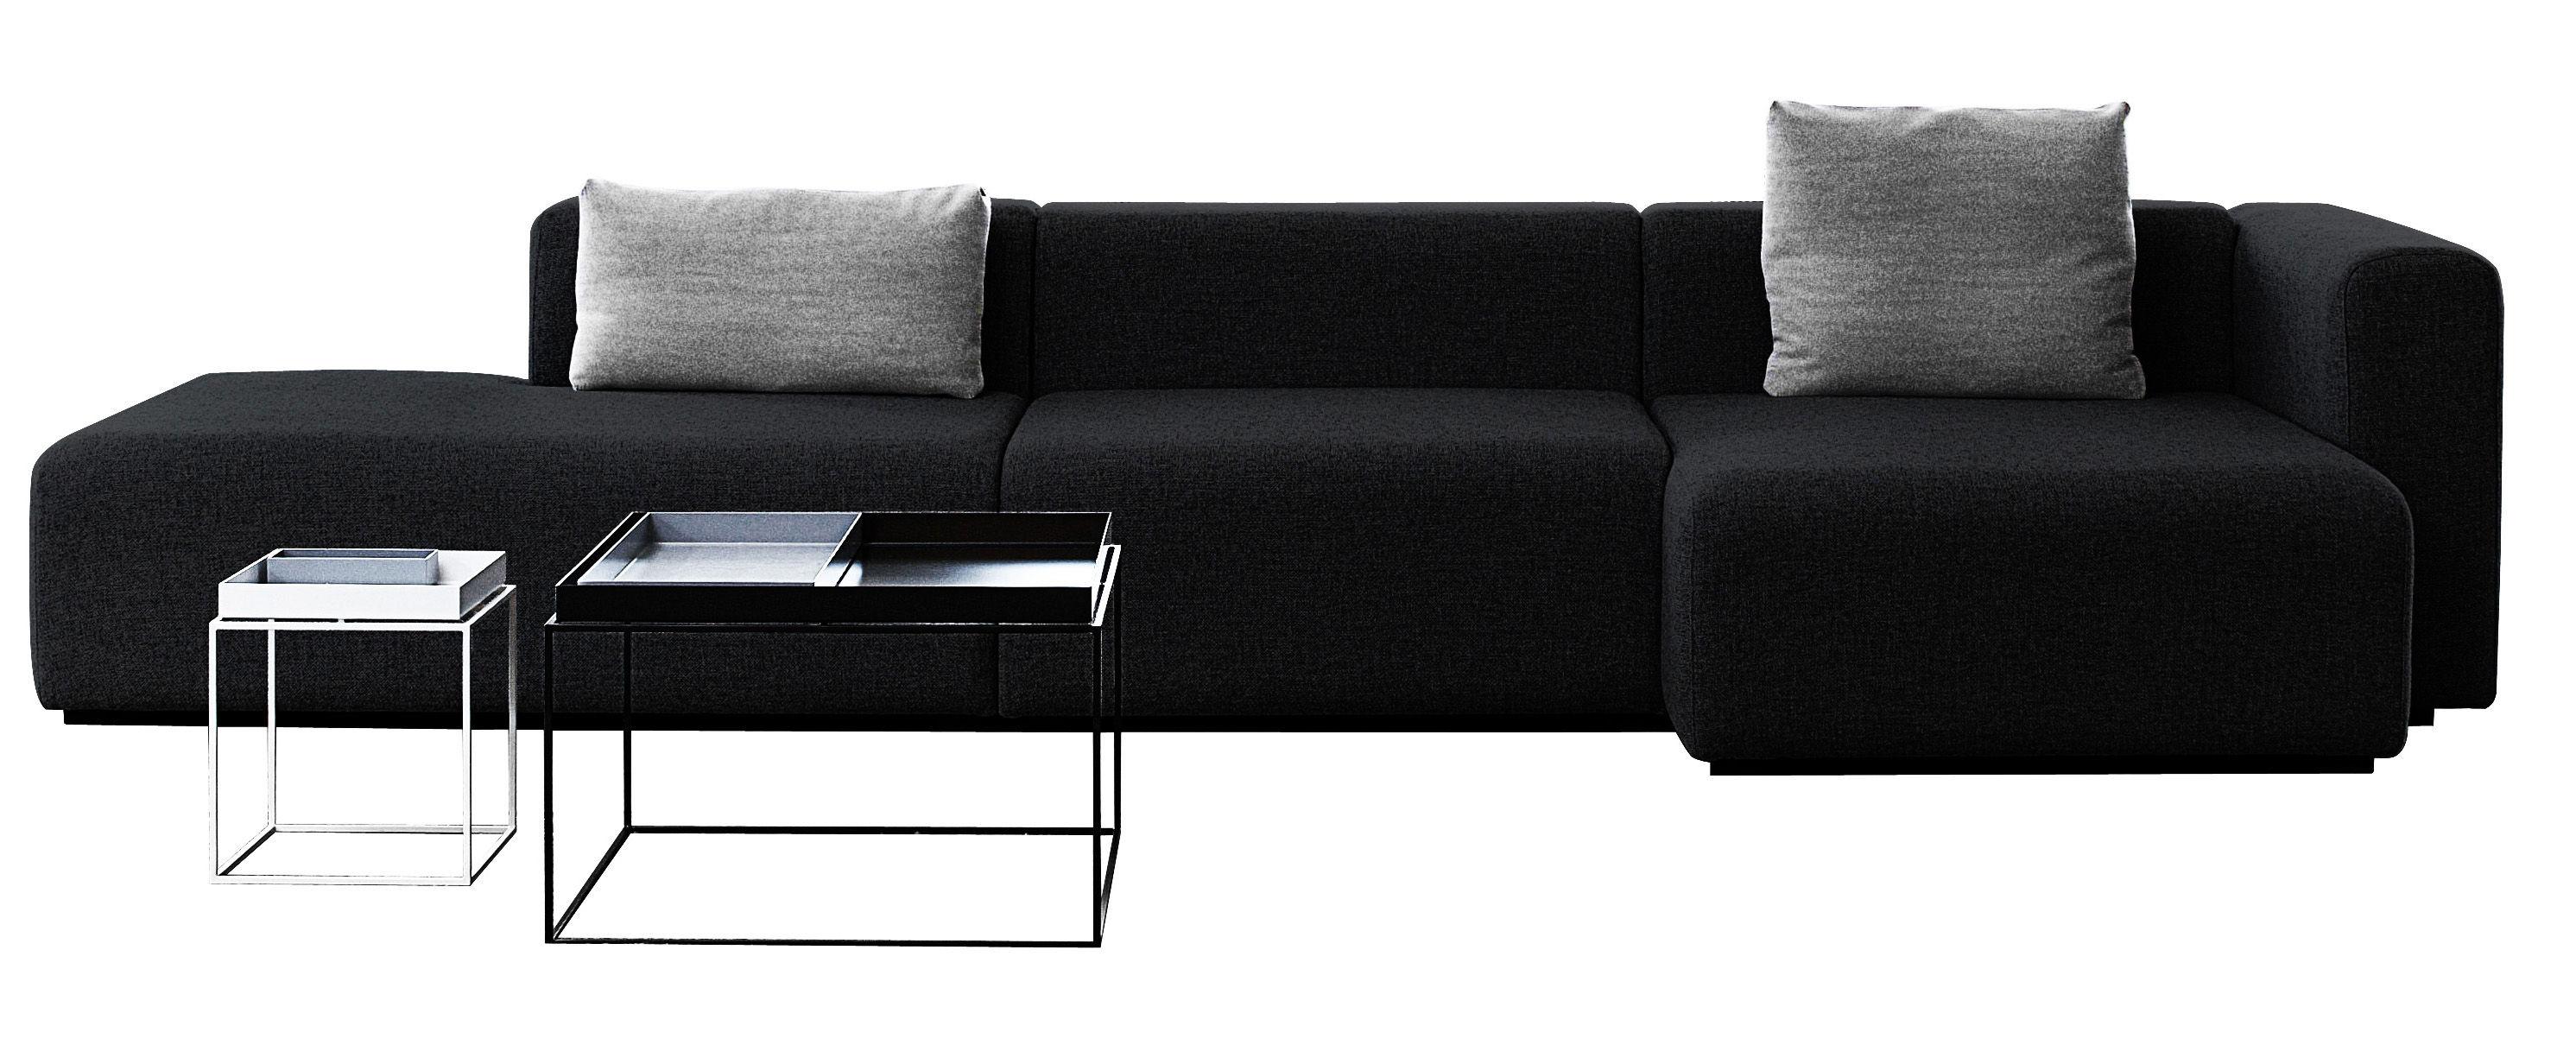 canap d 39 angle mags l 342 cm accoudoir droit gris fonc accoudoir droit hay. Black Bedroom Furniture Sets. Home Design Ideas